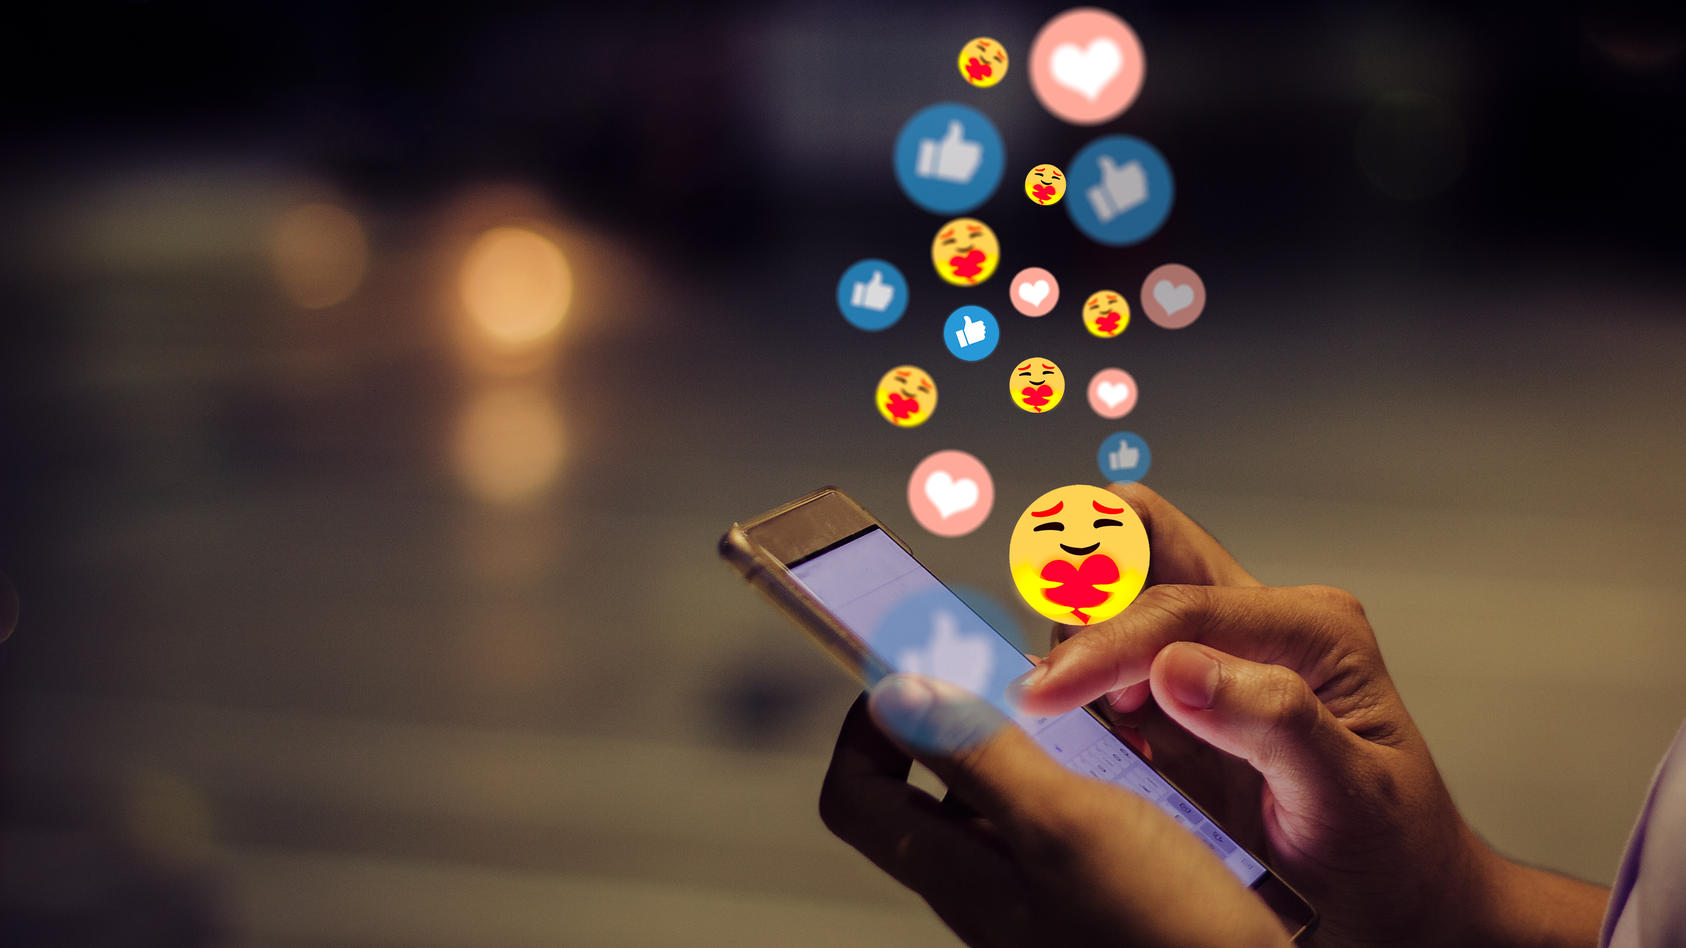 Das neue Update kommt. Auf welche Emojis dürfen wir uns freuen?